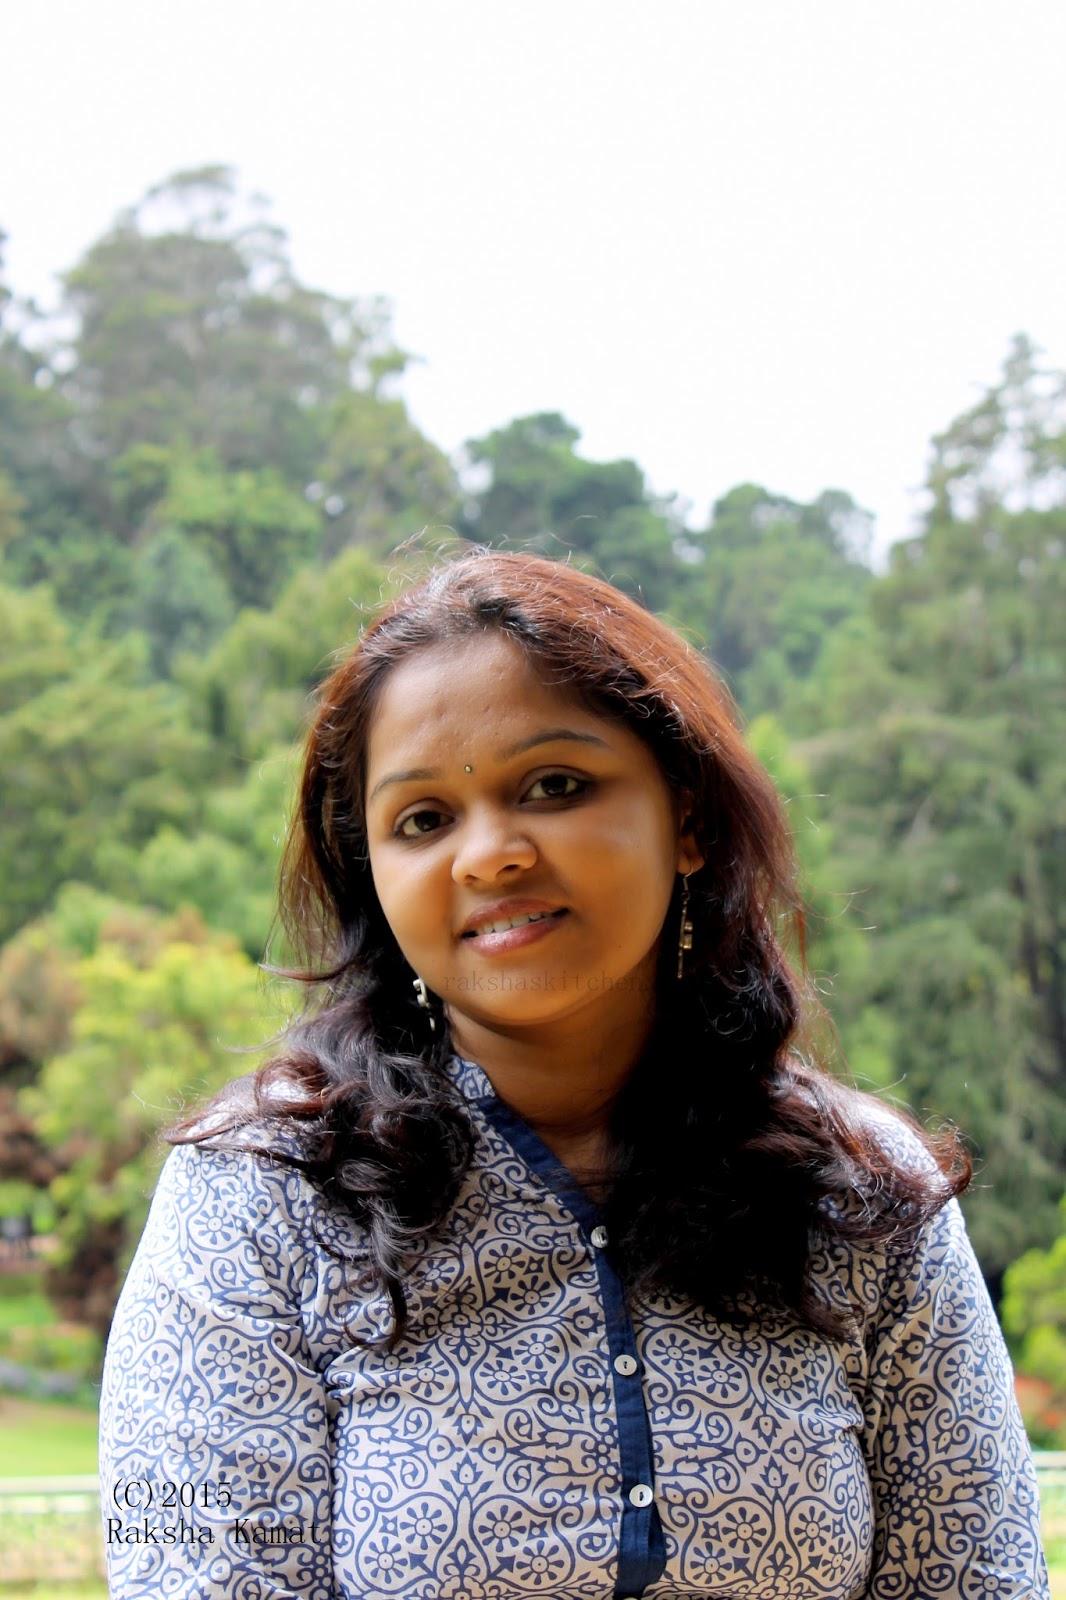 Raksha Kamat